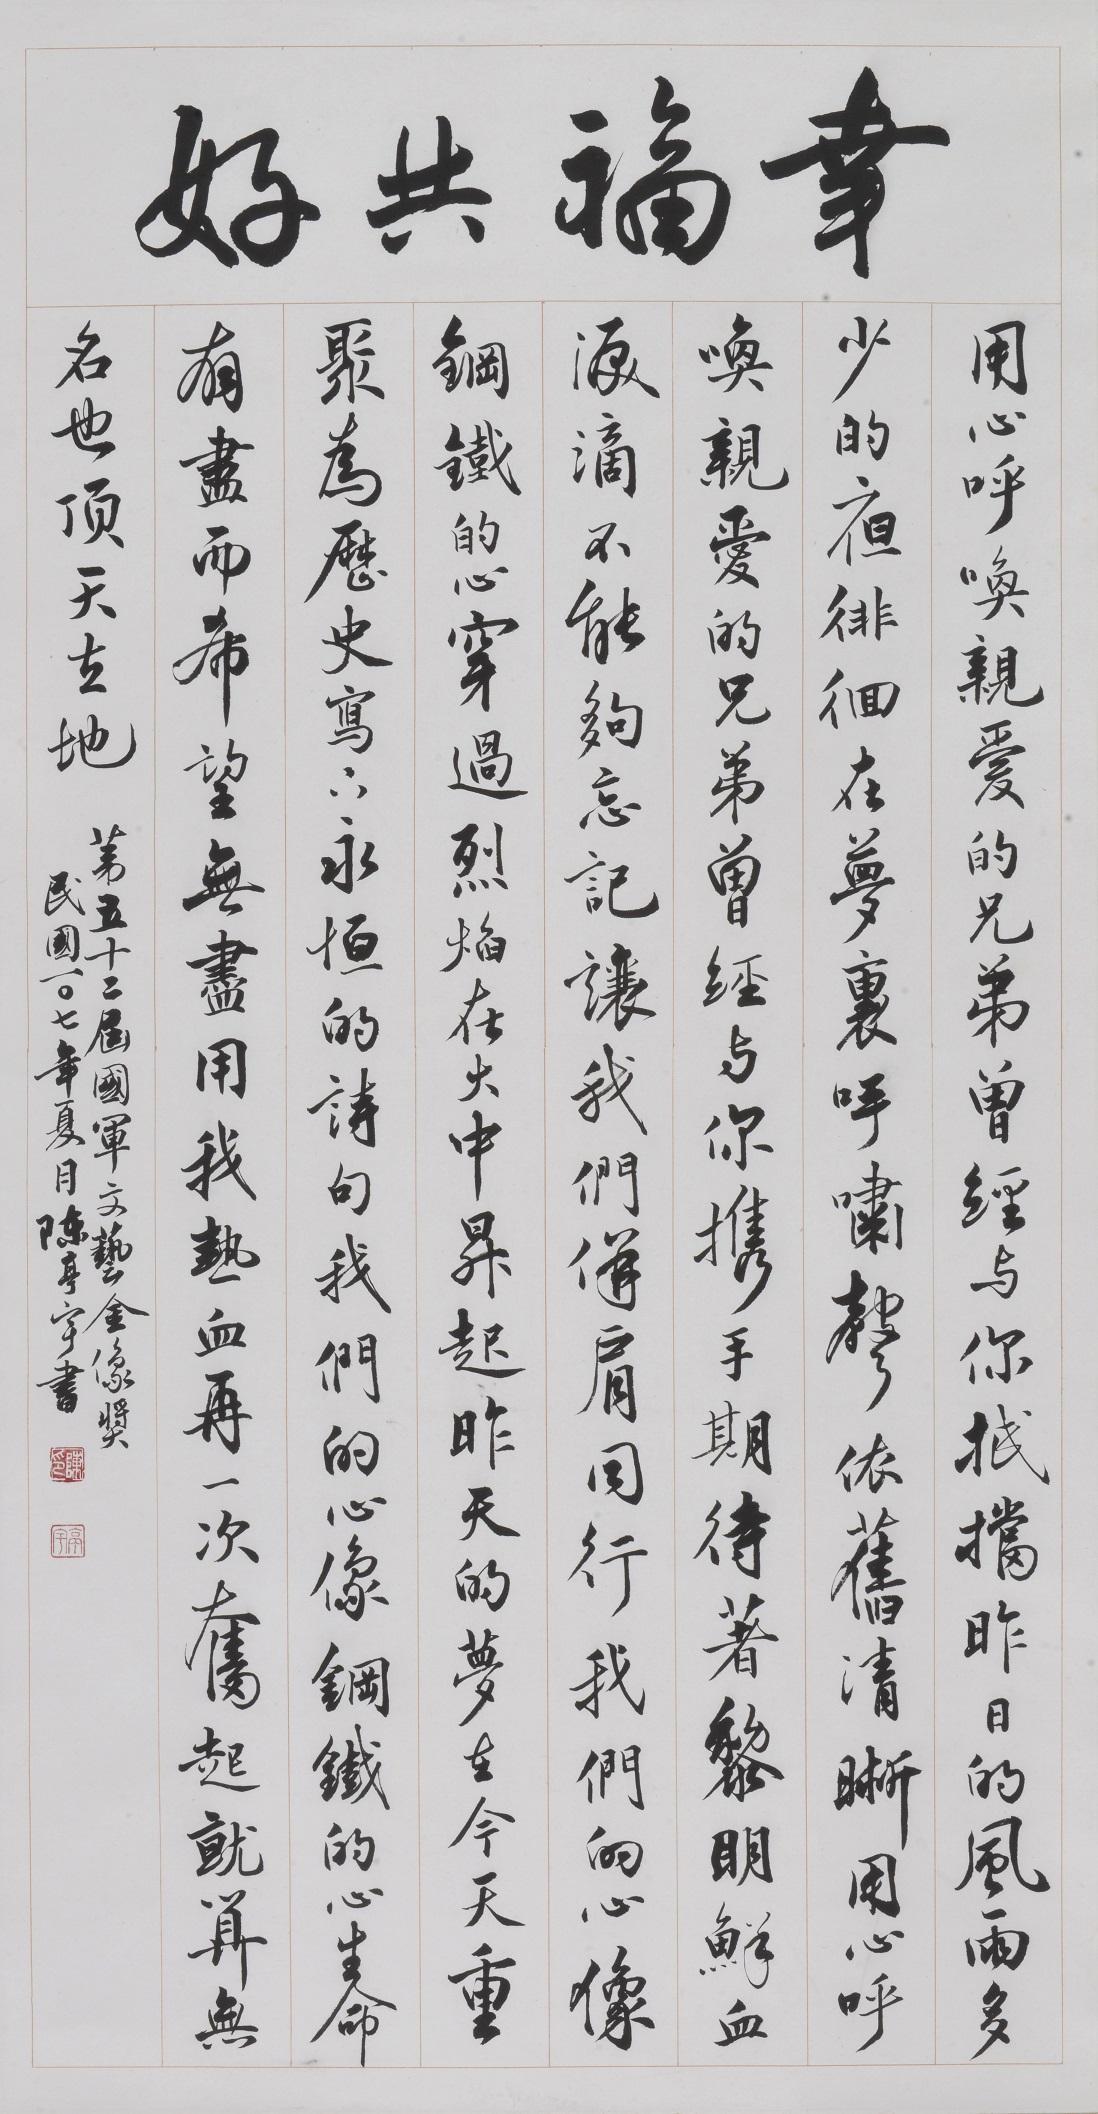 優選3軍民同心、幸福共好(作者:陳亭宇)